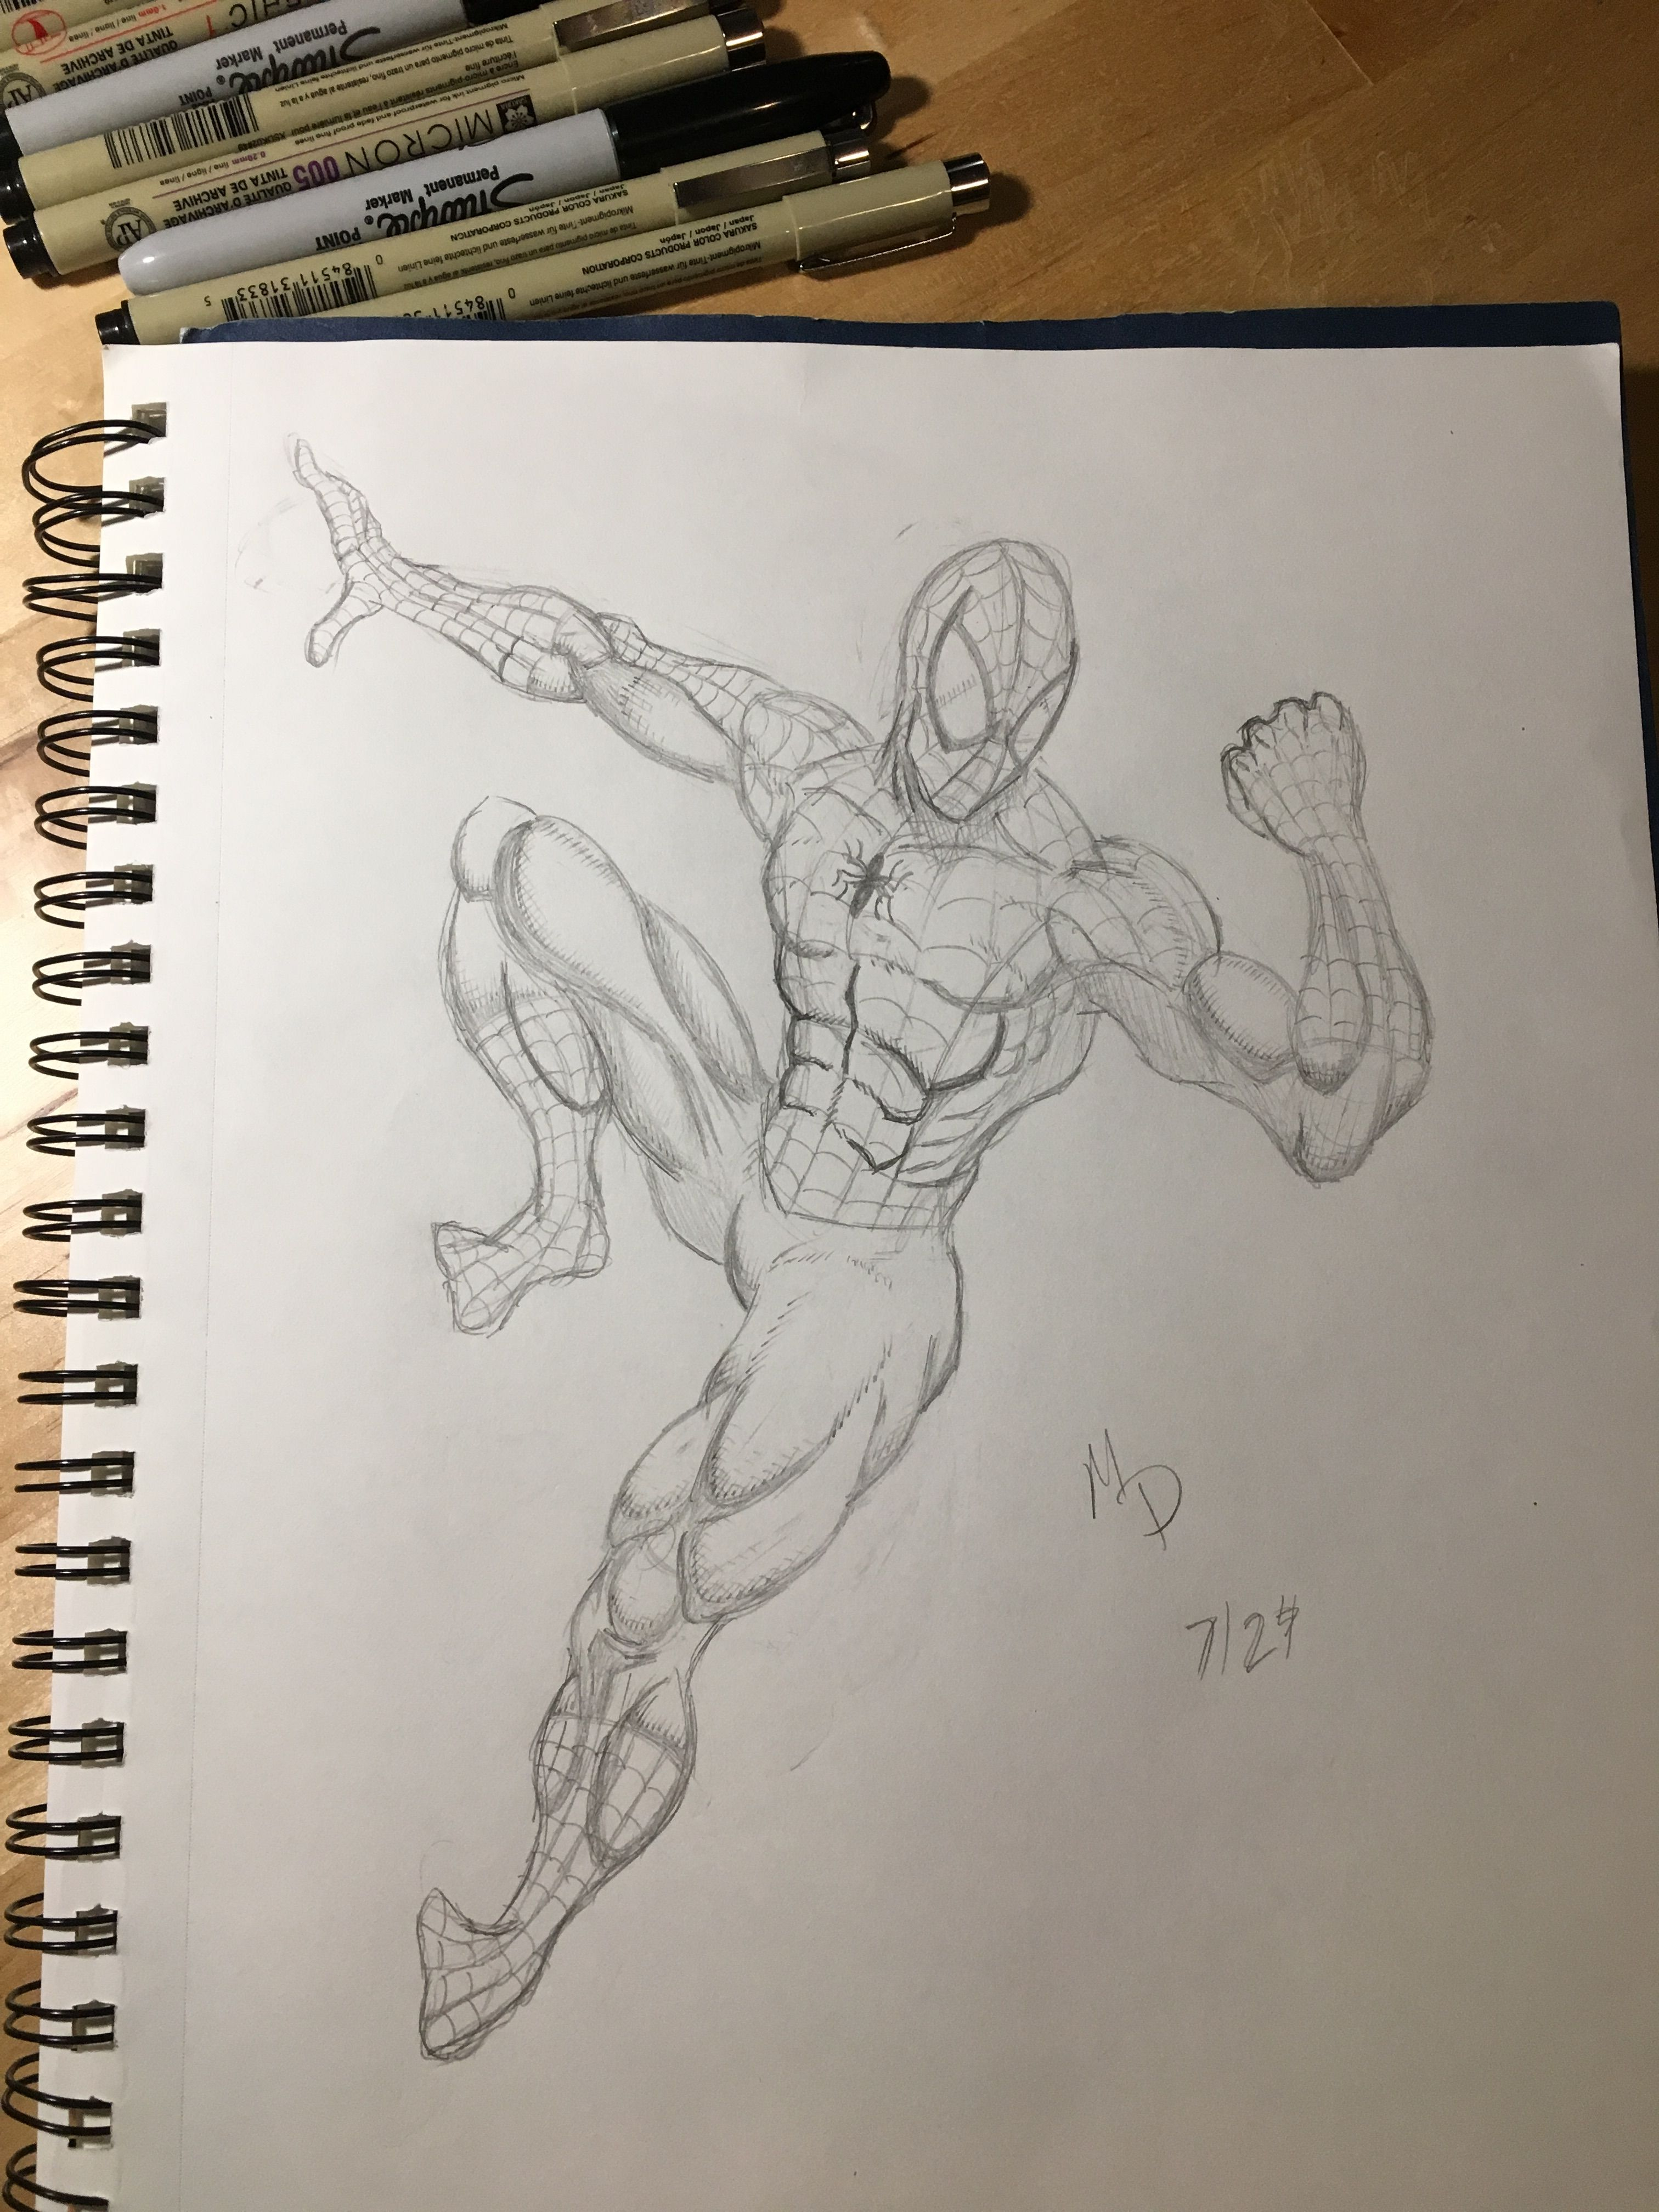 Spiderman Drawing 7 29 18 My Drawings Spiderman Drawing Drawings